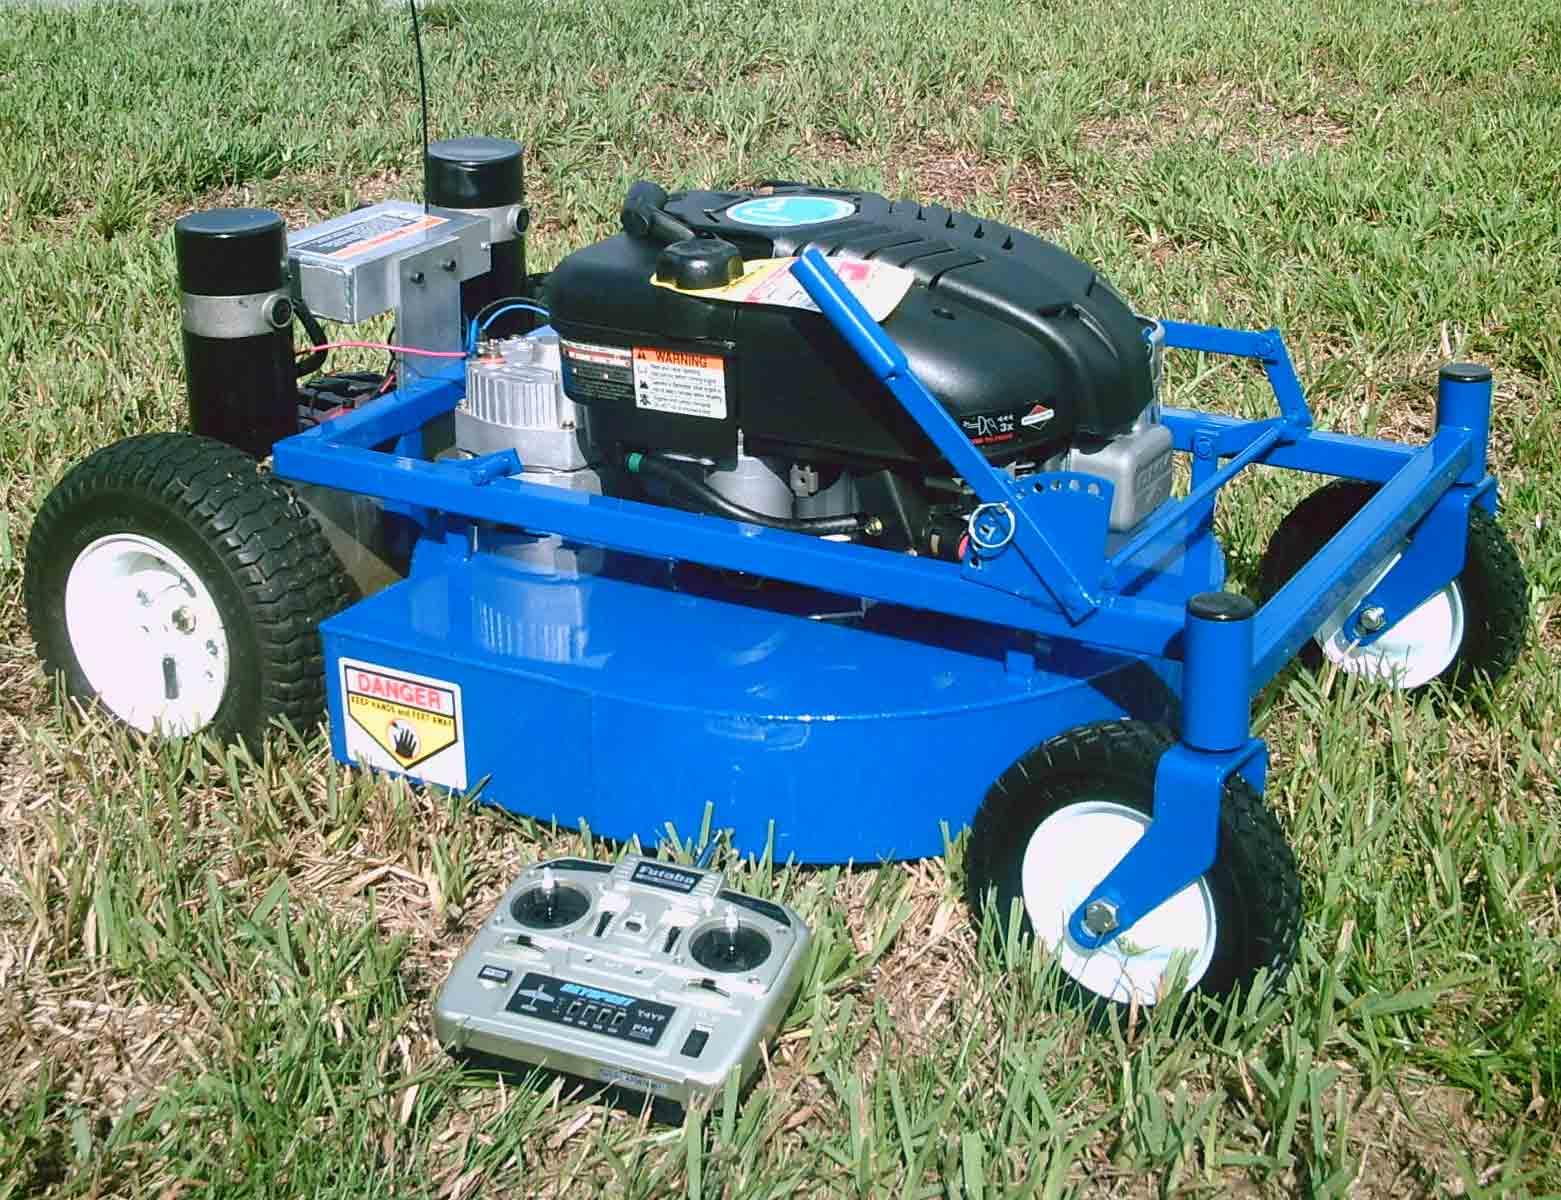 Remote Control Lawn Mower Diesel Bombers